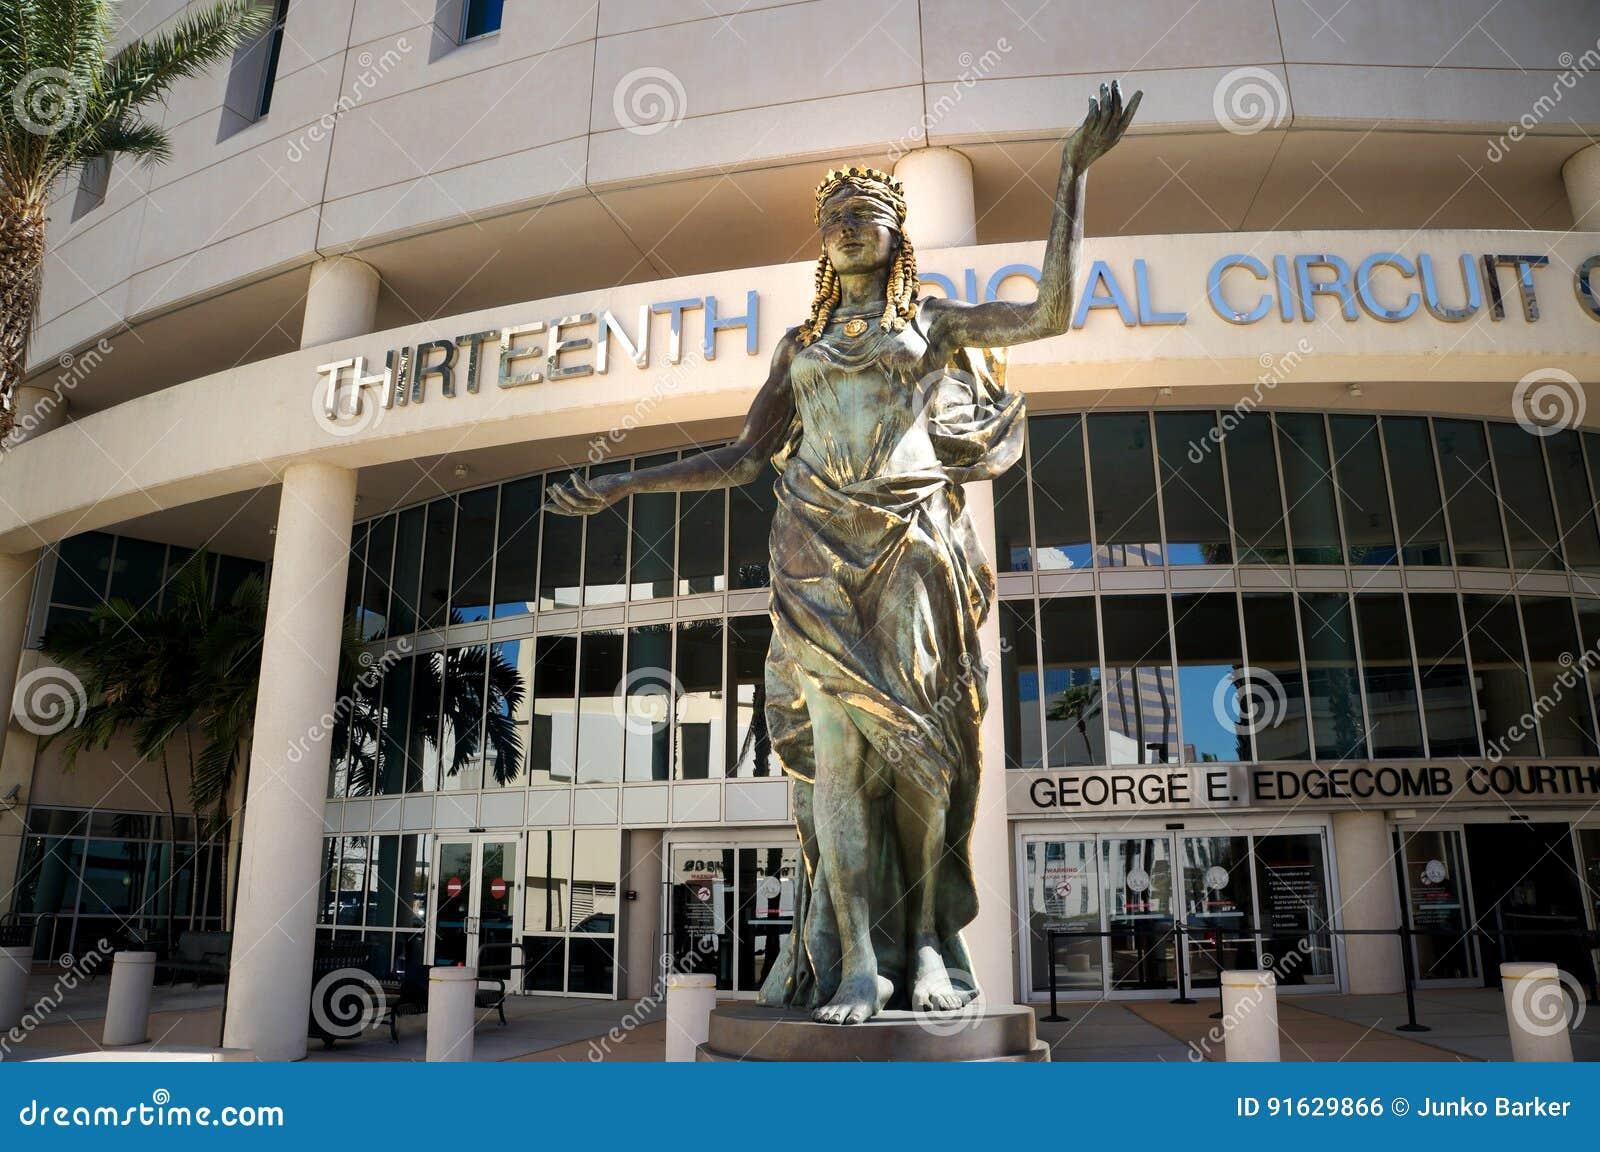 Dreizehntes Gerichtsschwurgericht von Florida, im Stadtzentrum gelegenes Tampa, Florida, Vereinigte Staaten